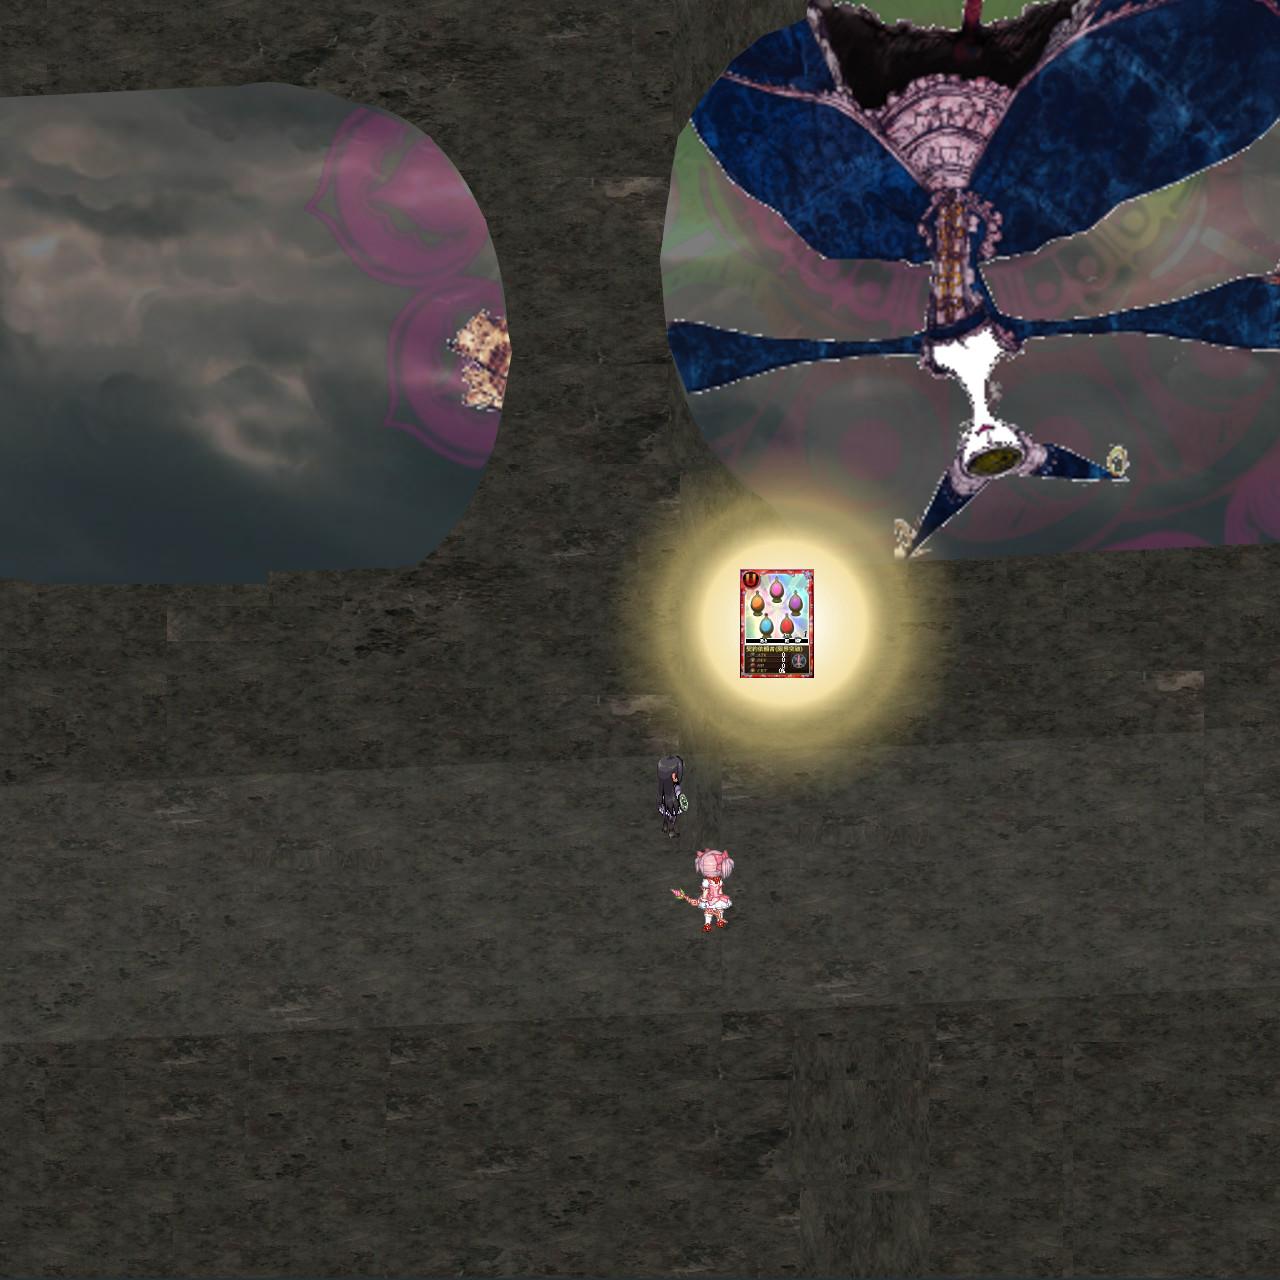 ワルプルギスの夜背天空の戦い69-3